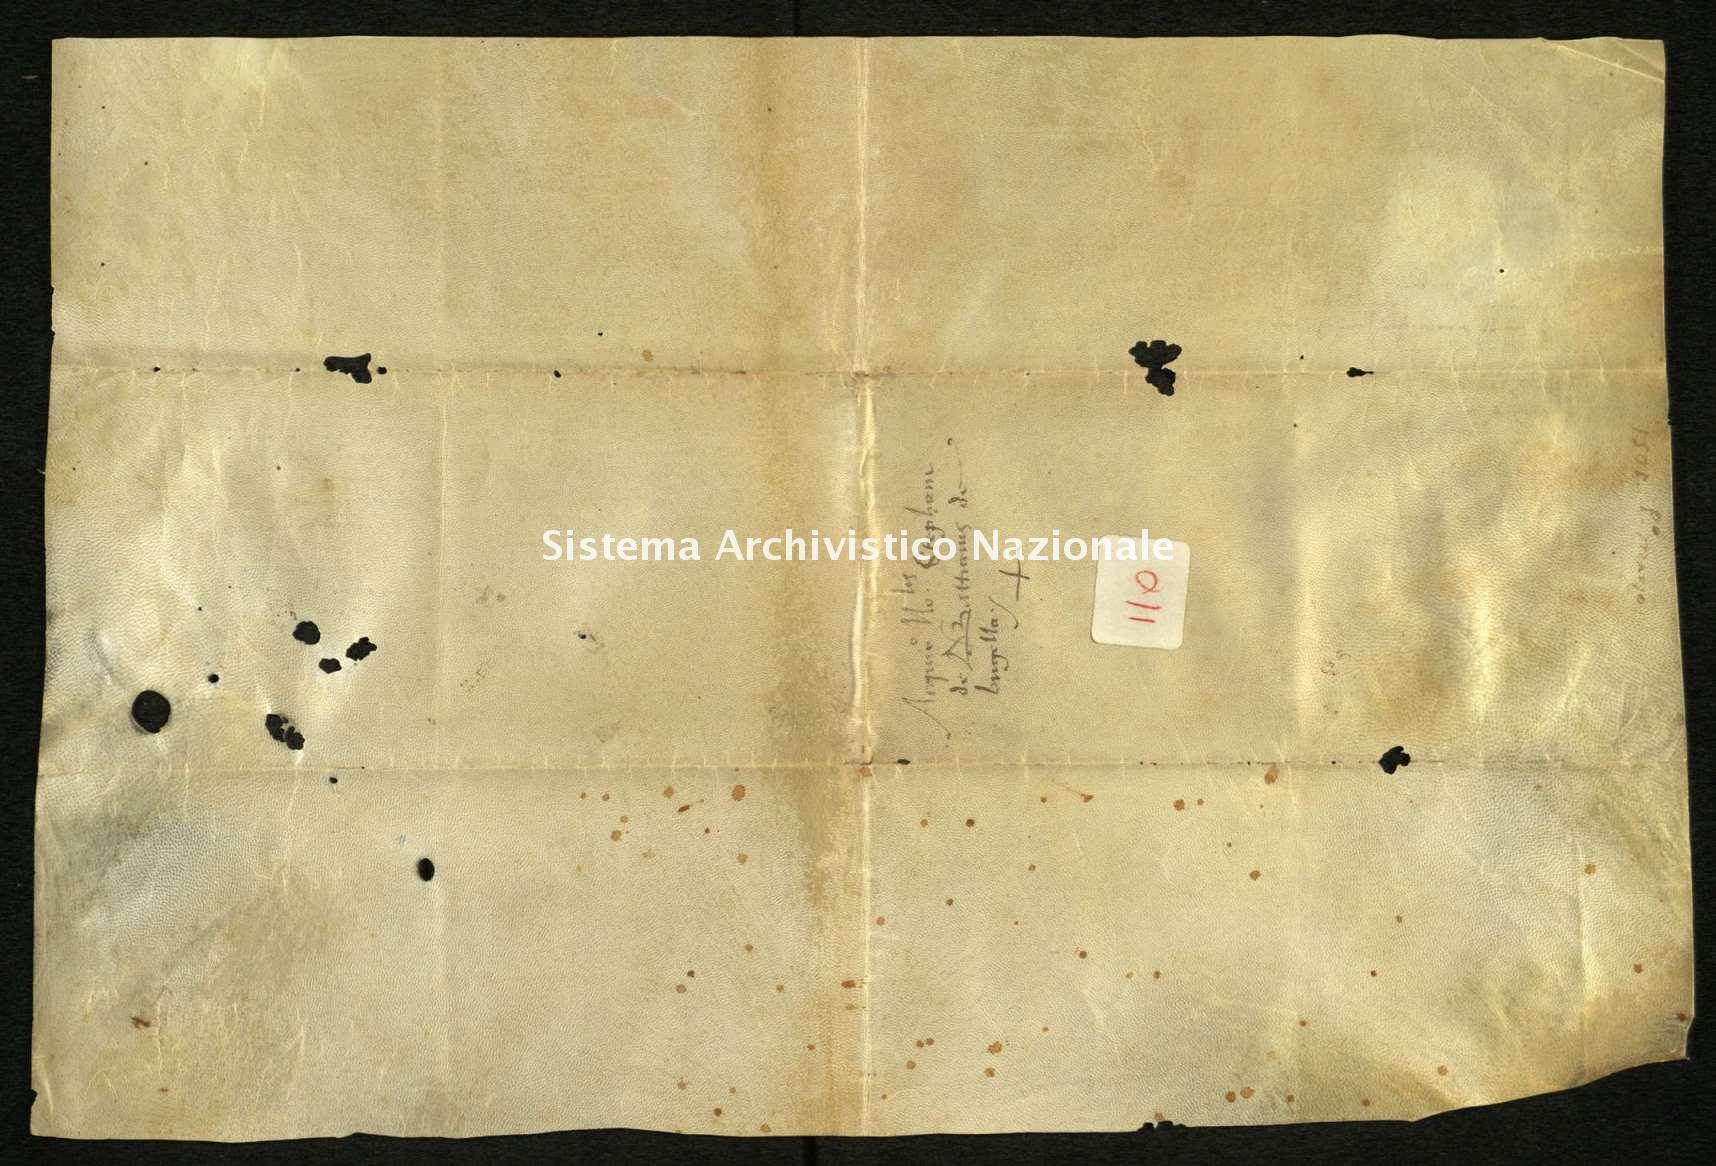 Archivio di Stato di Biella, Avogadro di Valdengo, Pergamene I, Biella 1 marzo 1501